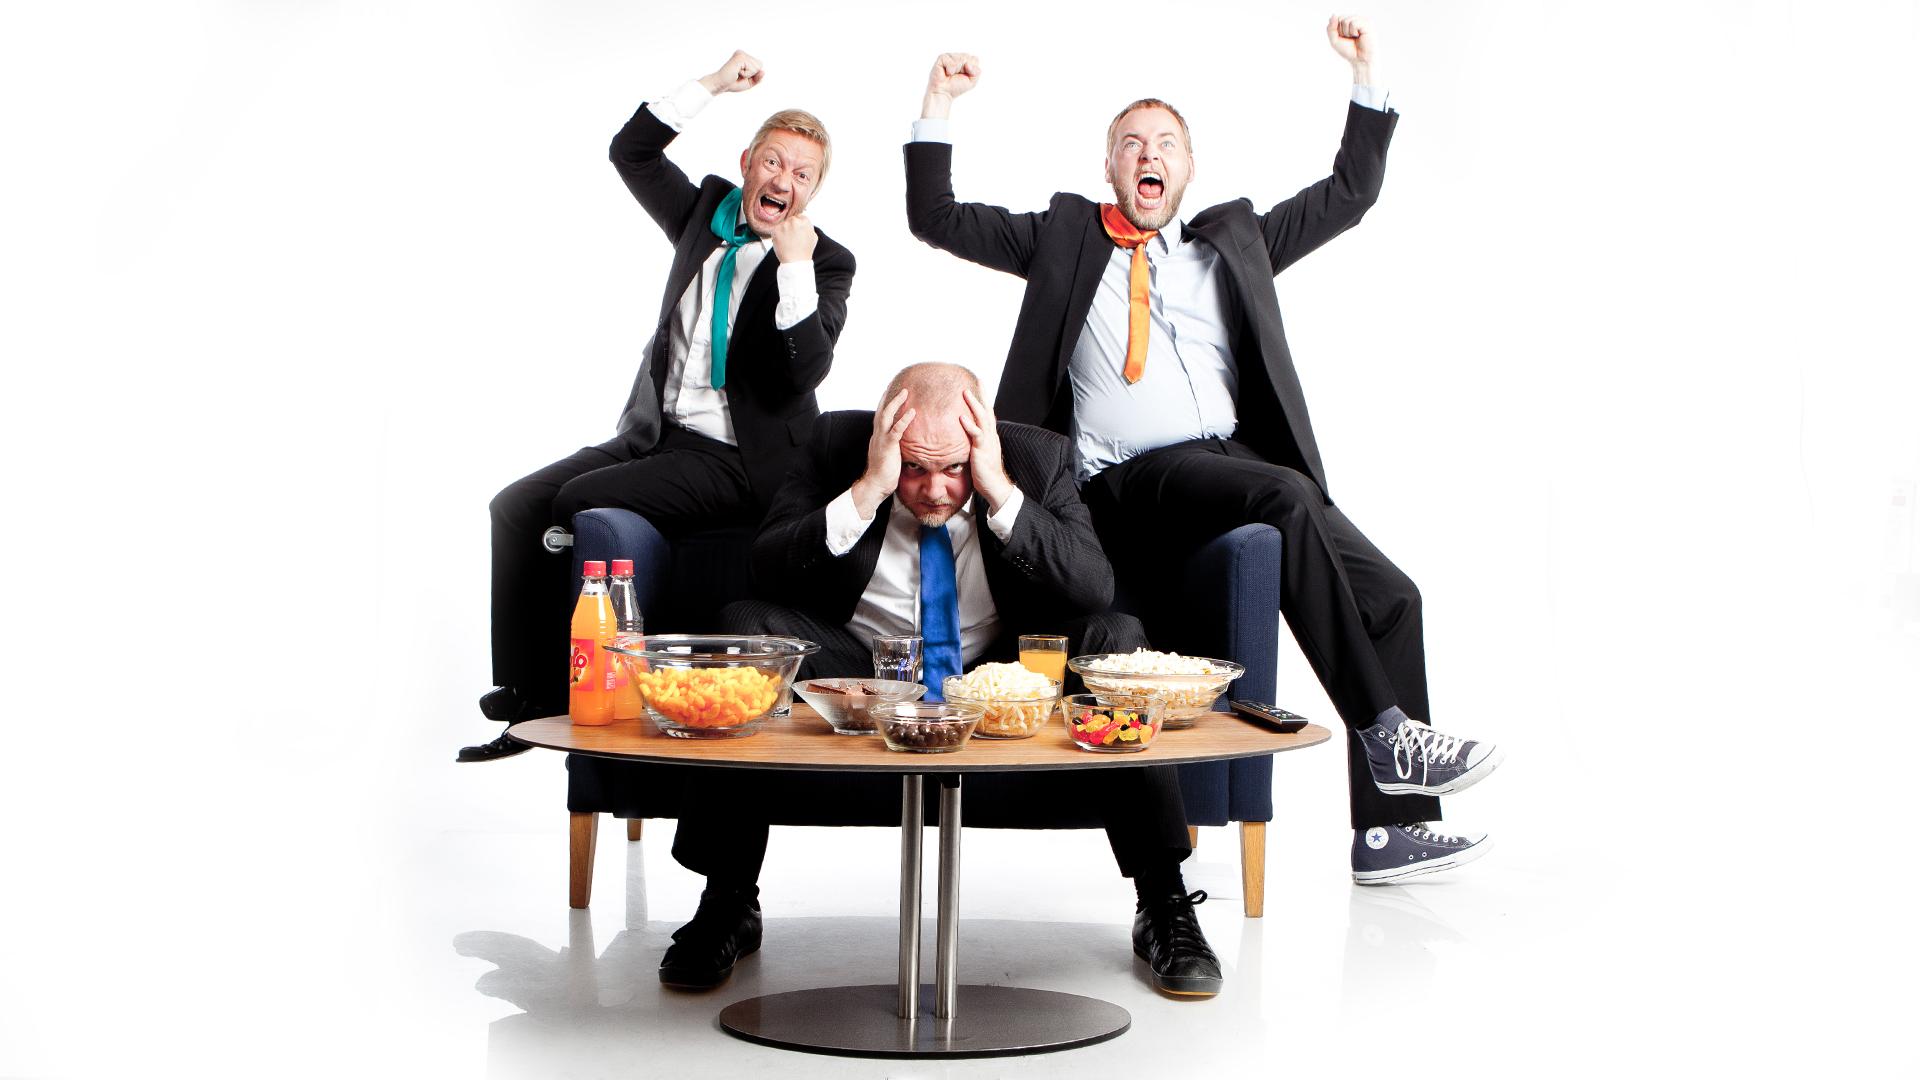 Bjarte Tjøstheim, Steinar Sagen og Tore Sagen. Dette bildet er egentlig tatt i forbindelse med Radioresepsjonens valgsending i 2011, men fungerer her for å illustrere at resepsjonistene samles til partysending fredag 10. mai 2013  (Foto: Kim Erlandsen, NRK P3).